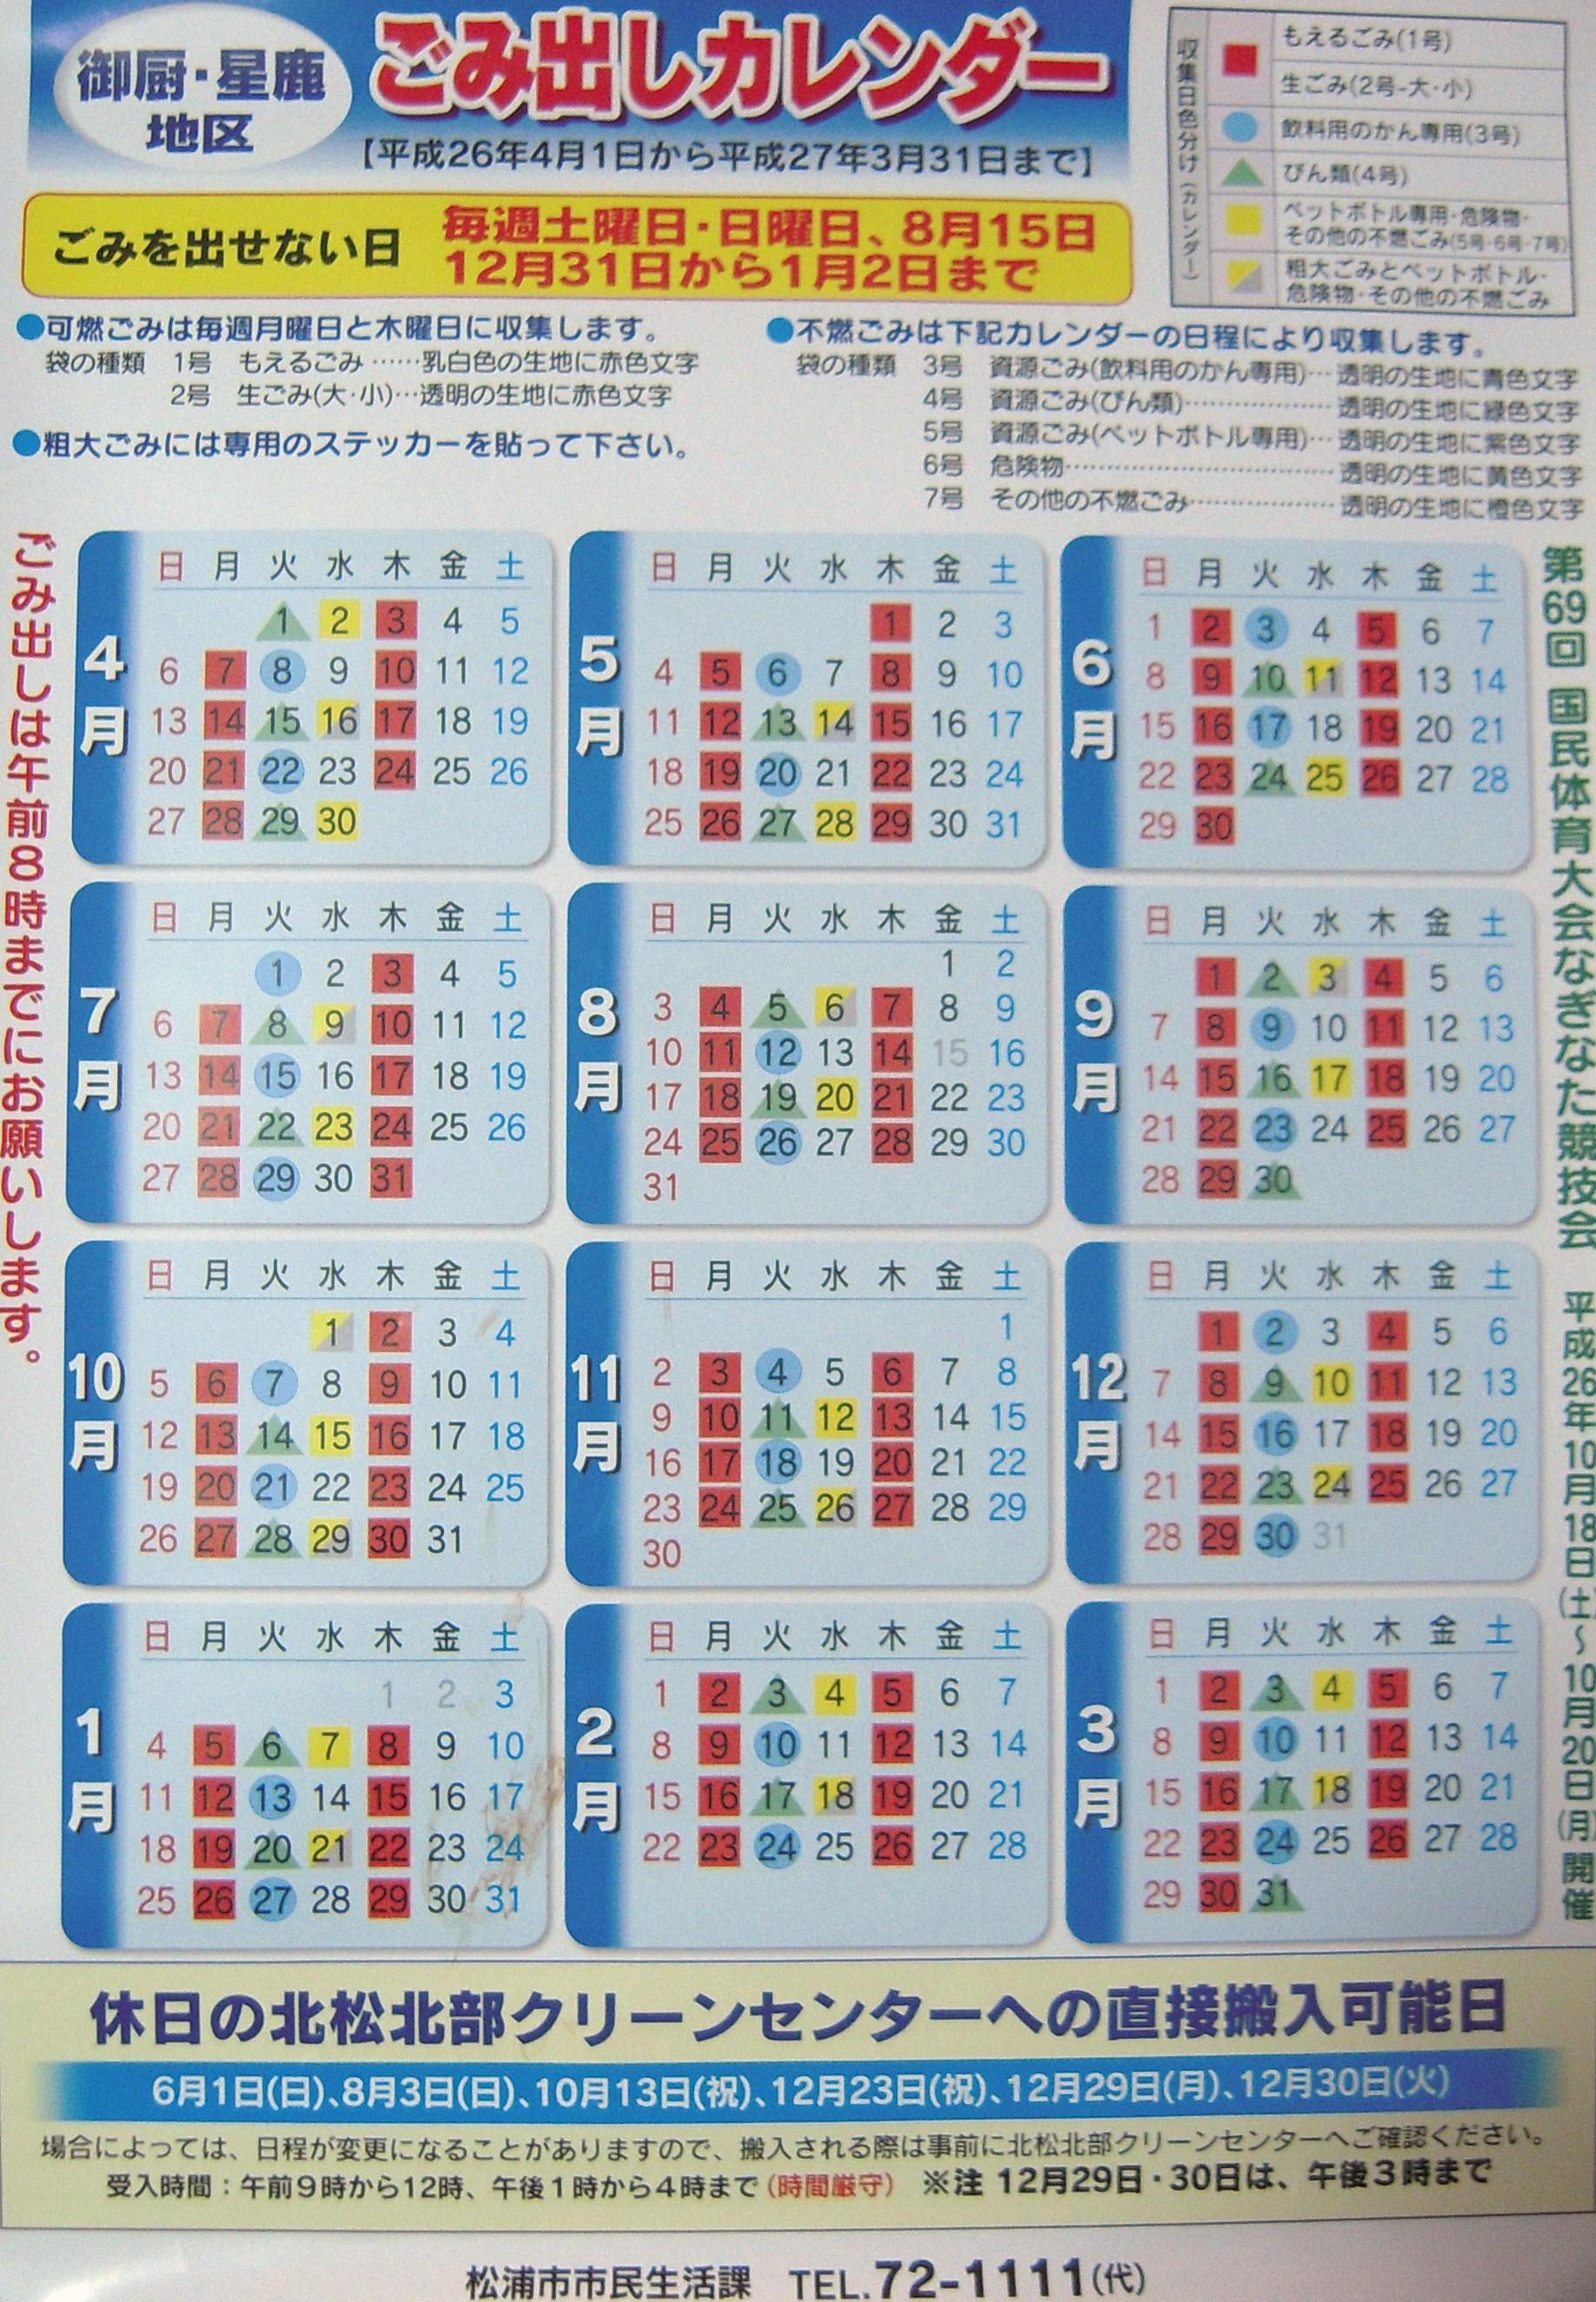 松浦市ゴミ回収カレンダー2014年度_御厨・星鹿